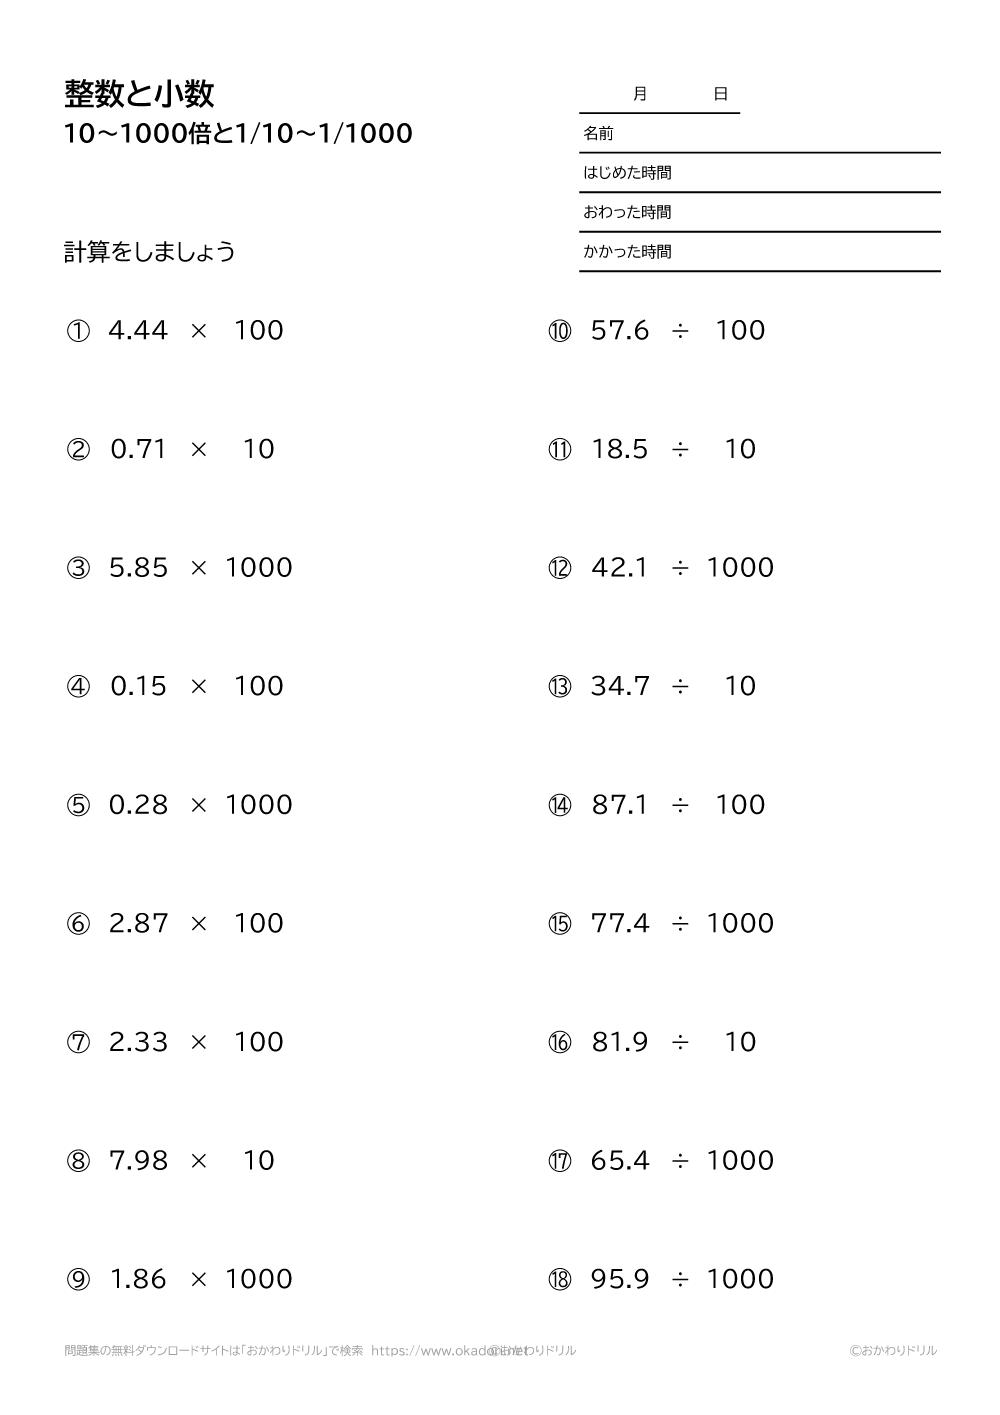 整数と小数-小数の位と小数点の位置-2